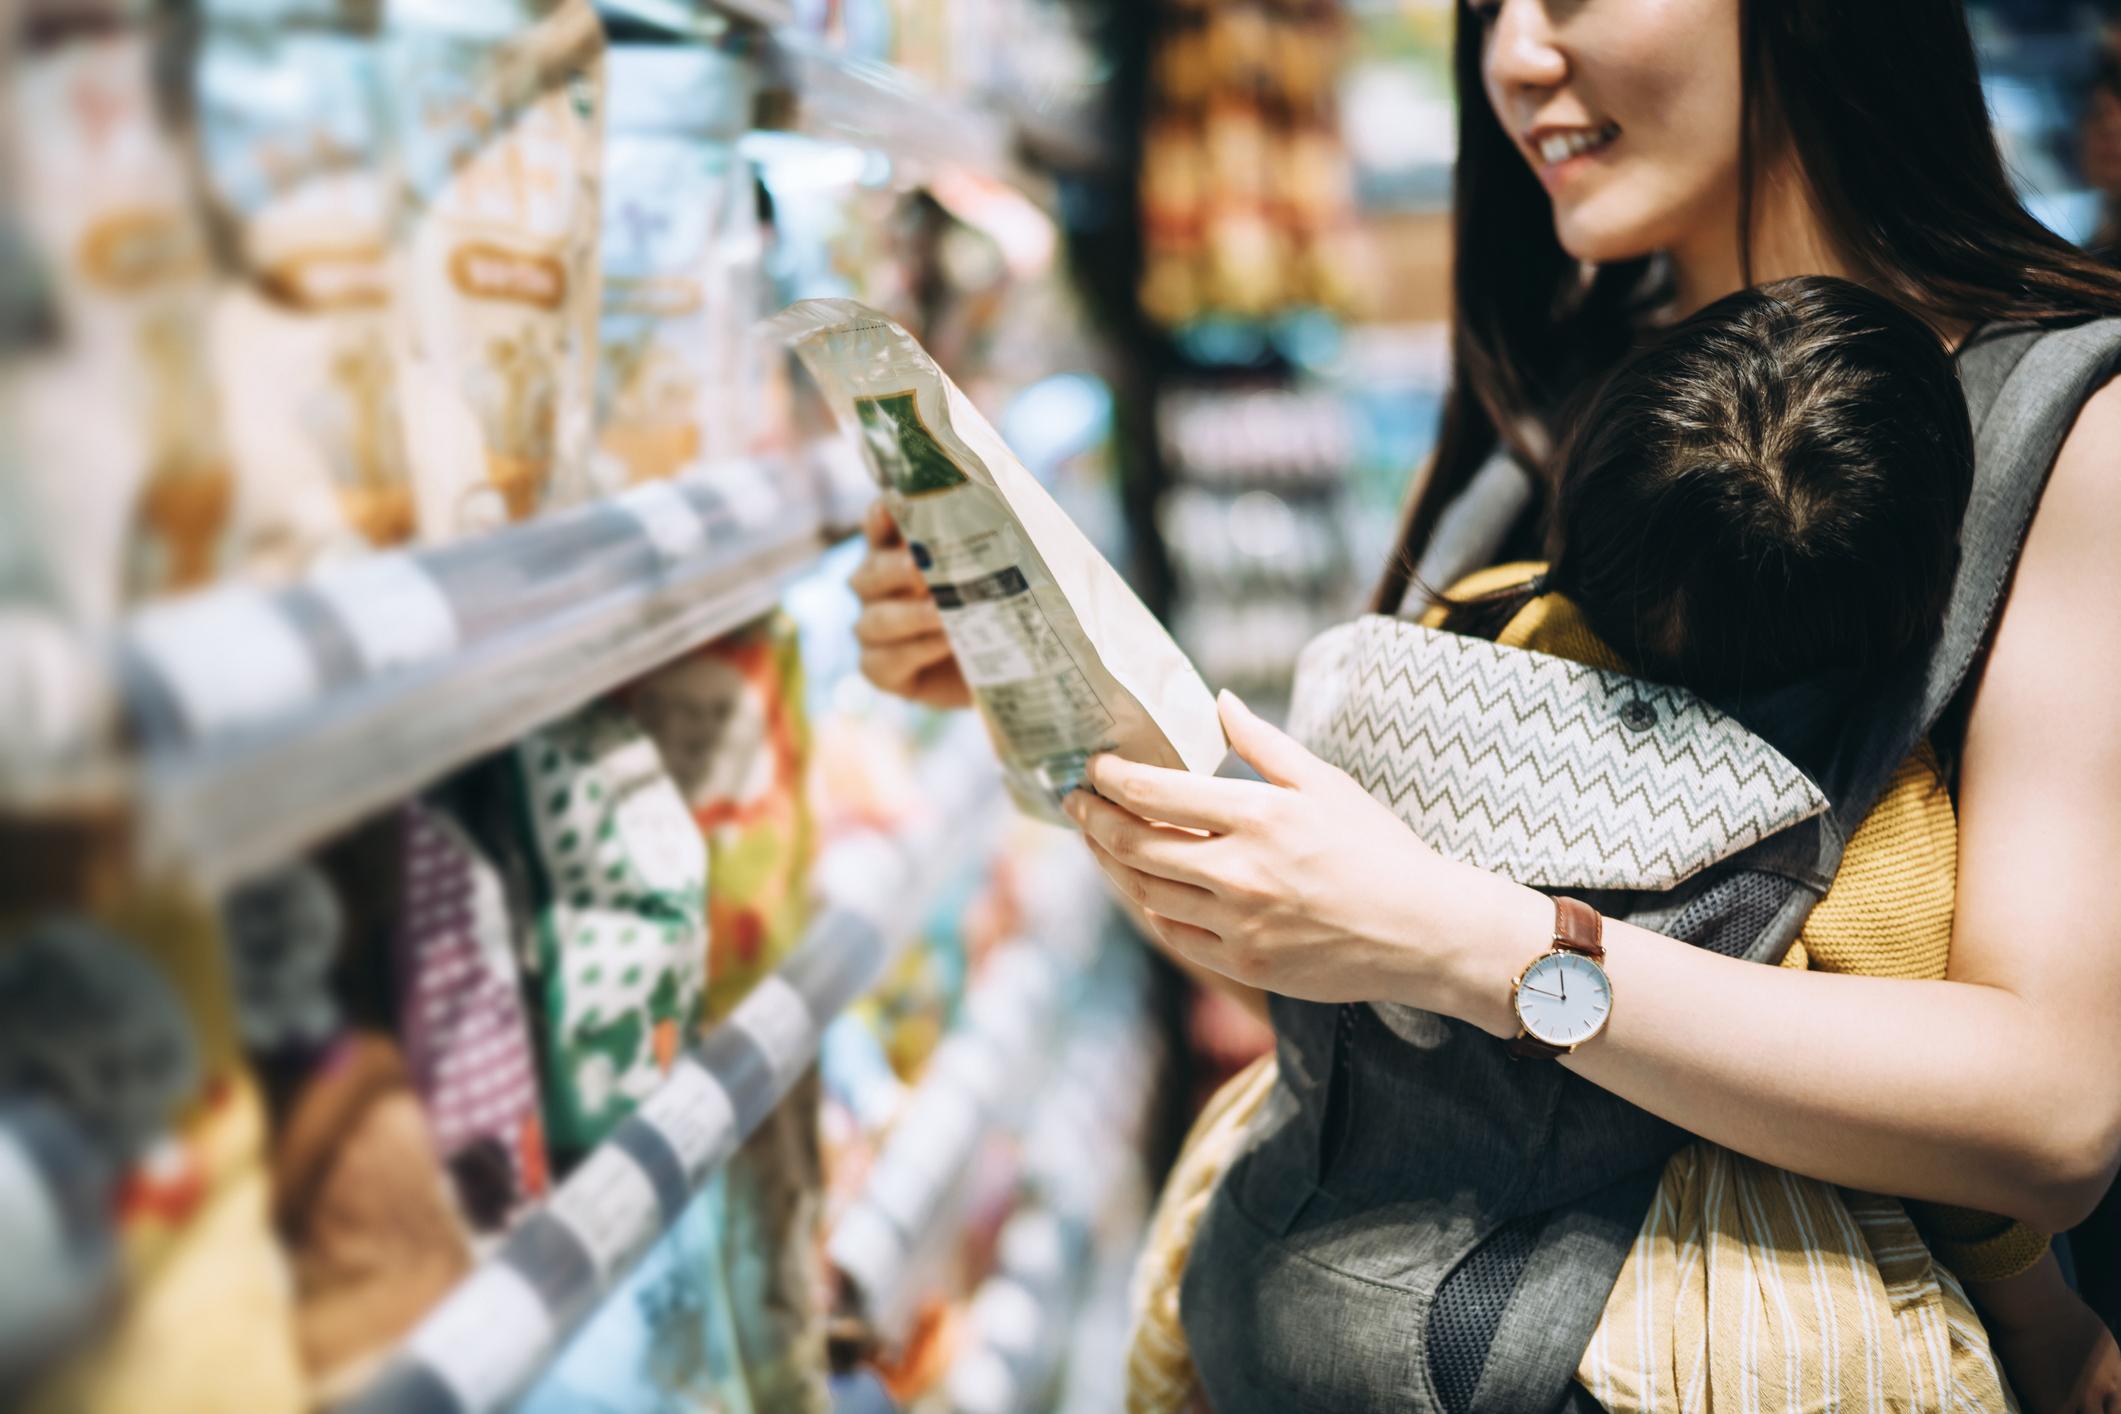 Une femme vérifie l'emballage des céréales pour voir si le granola est sain.